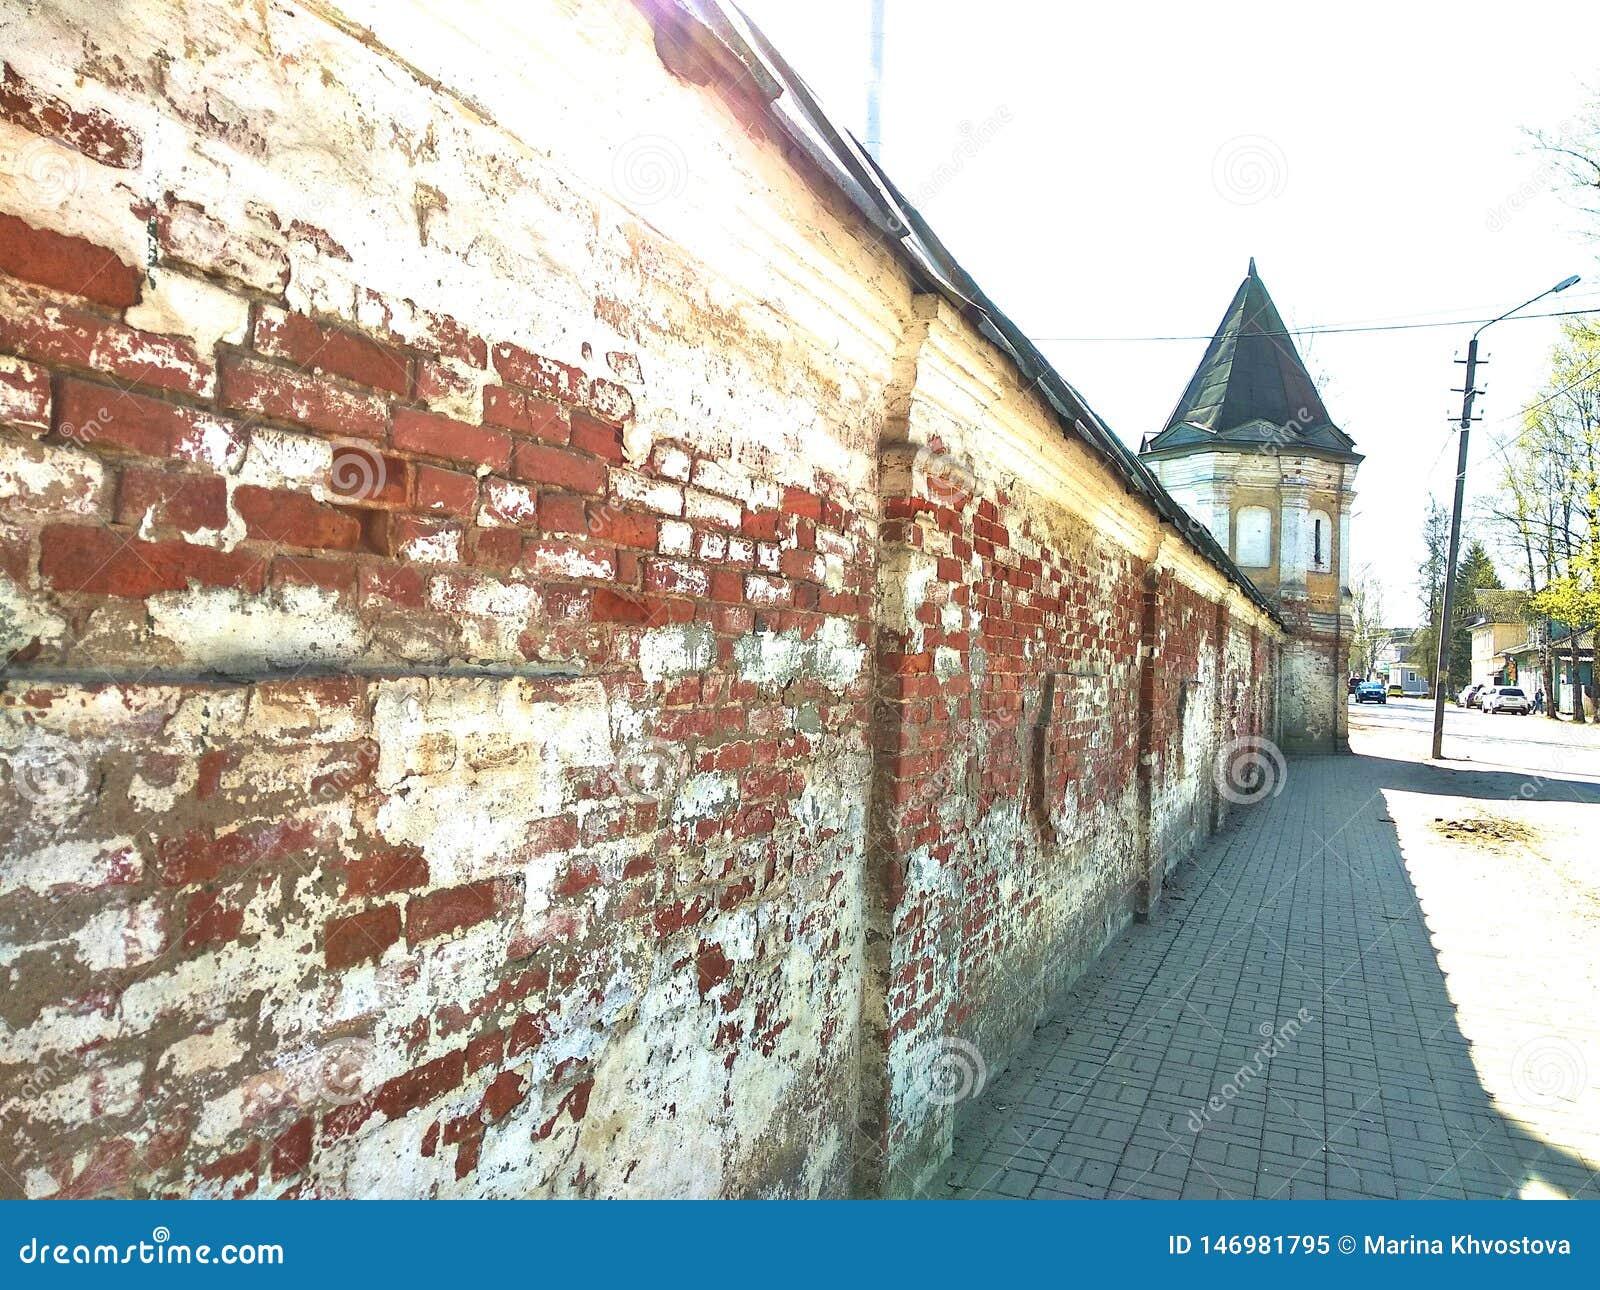 La pared de ladrillo roja y blanca del monasterio con una pequeña ciudad en el centro de Rusia